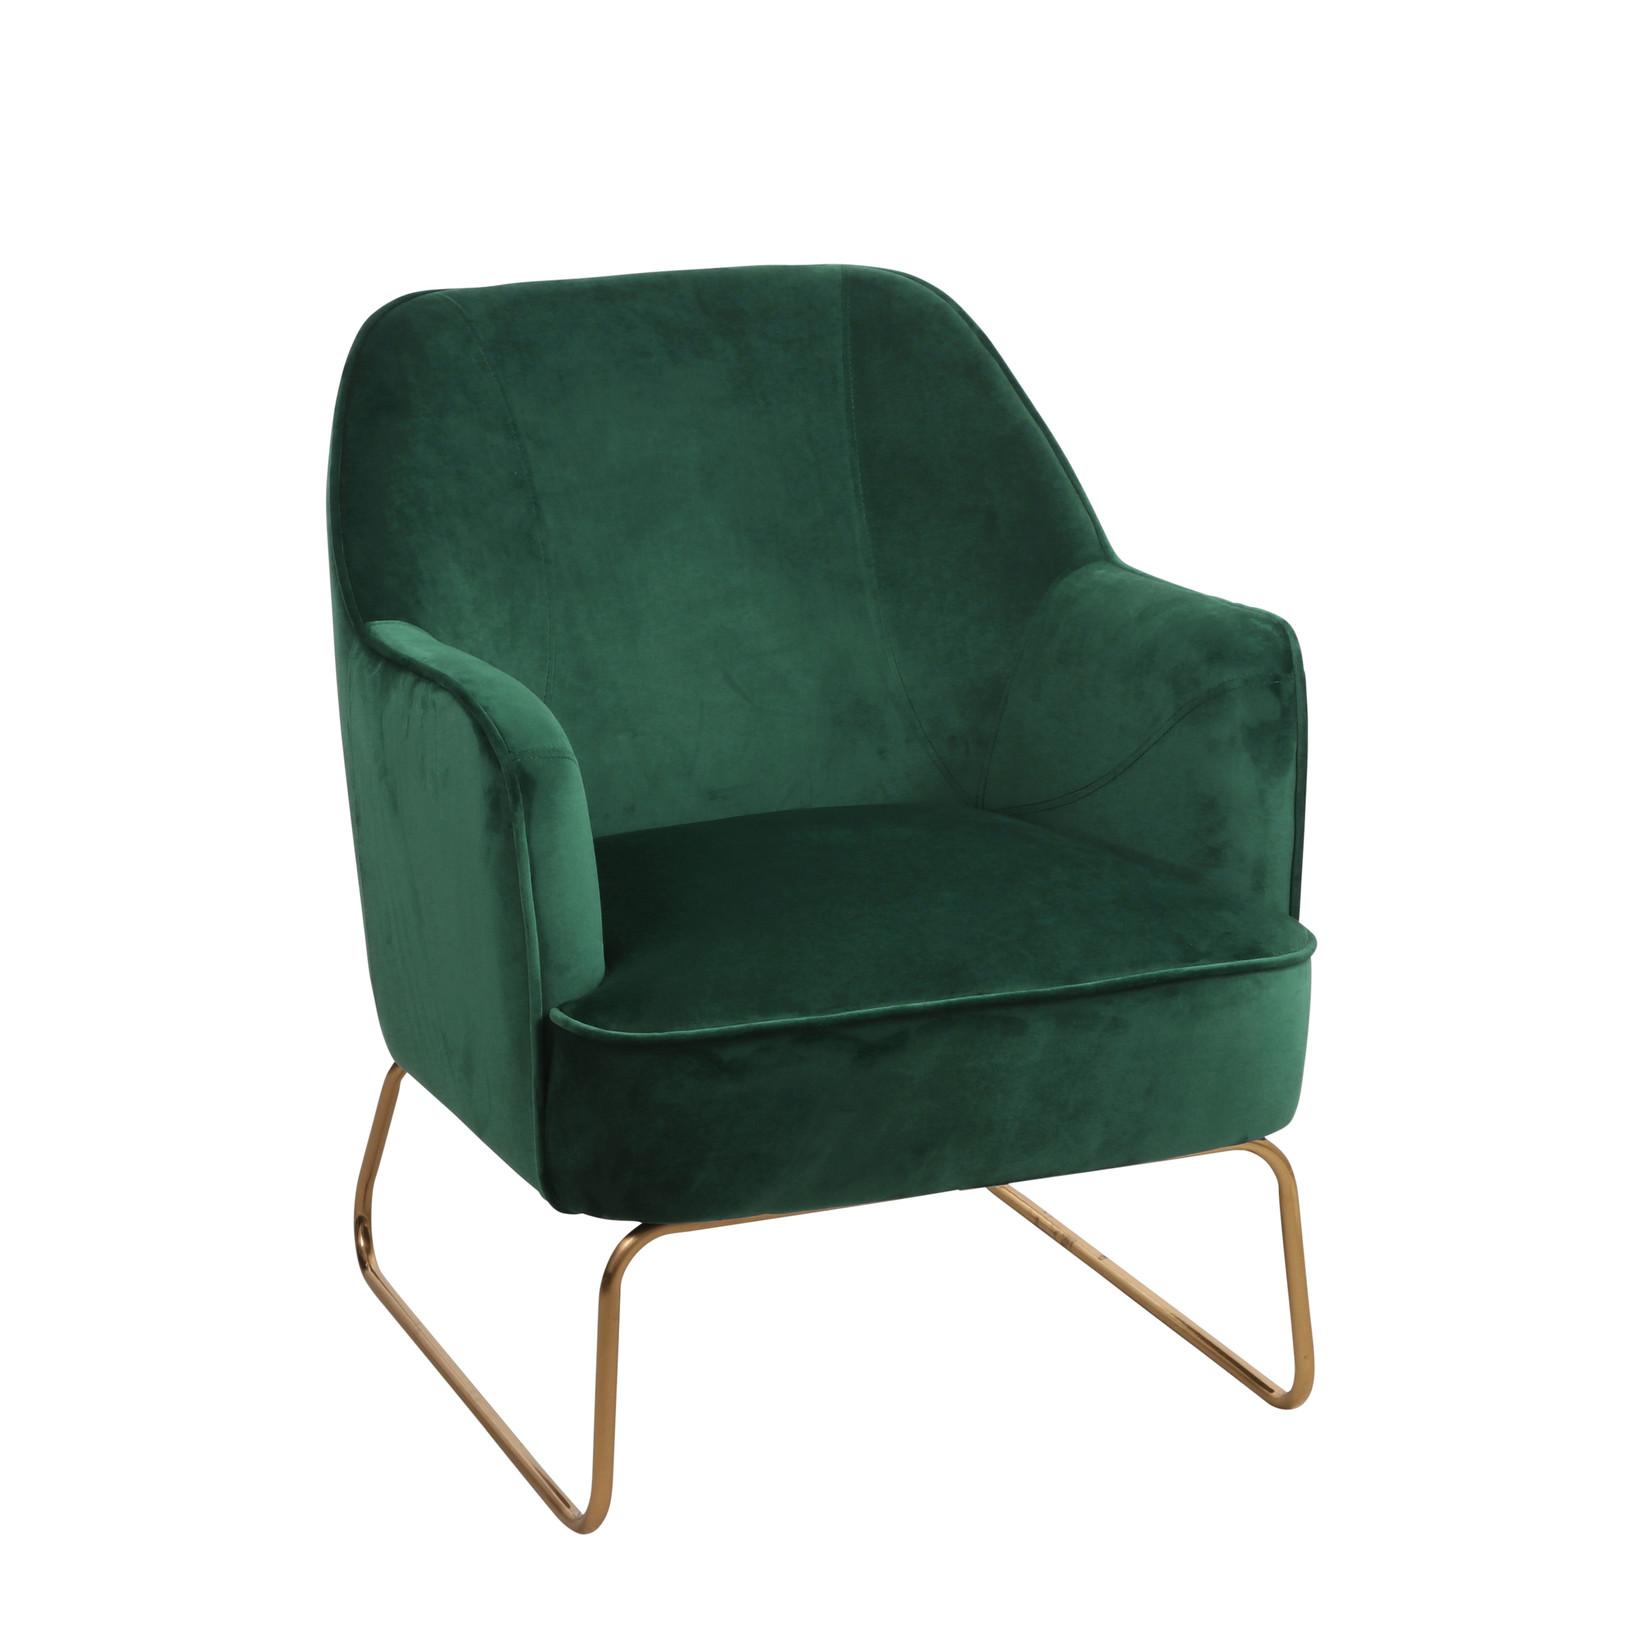 MiCa Suzet stoel groen